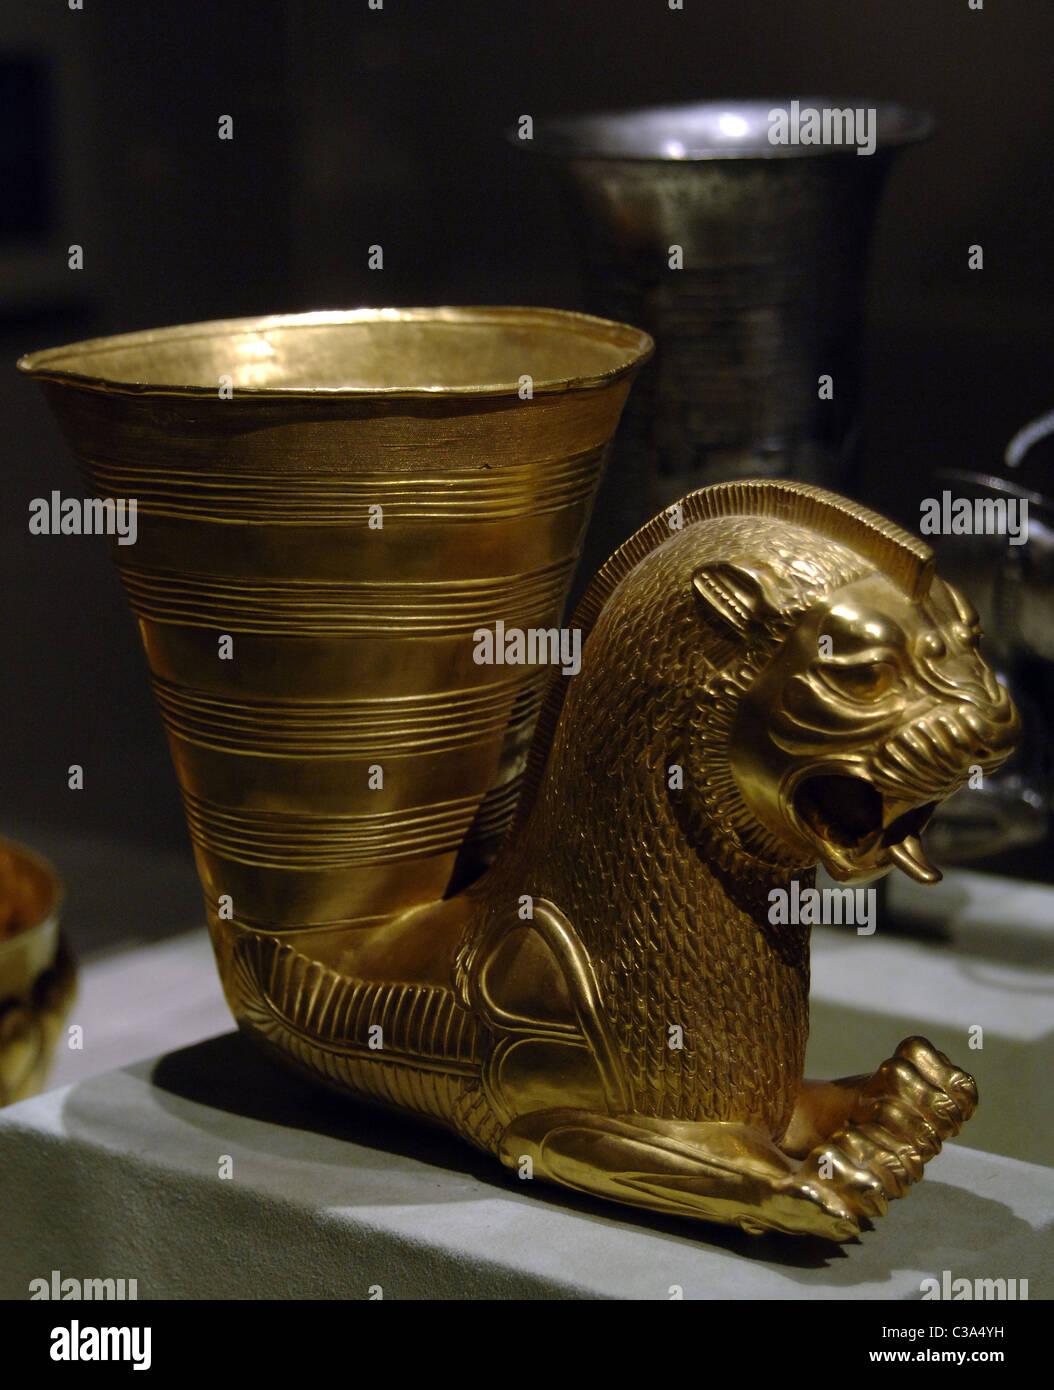 Art. Persian-Achaemenid República Islámica de Irán. Rhyton de oro decorado con una fantástica criatura leonina. Foto de stock